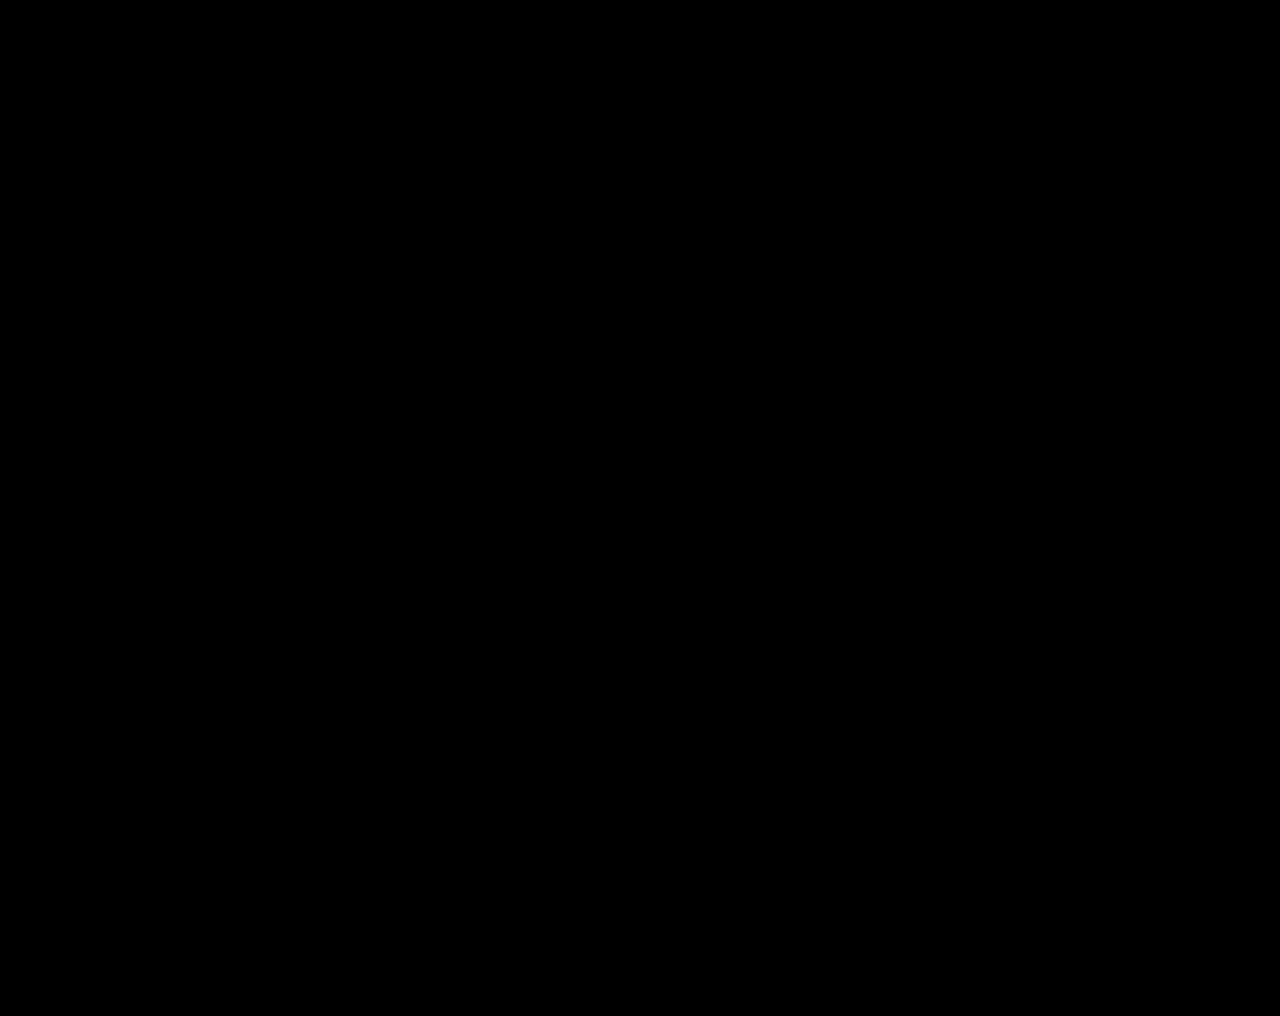 ಆತ್ಮವಂಚಕಿ : ಒಂದು ಪ್ರೇಮಕಥೆ